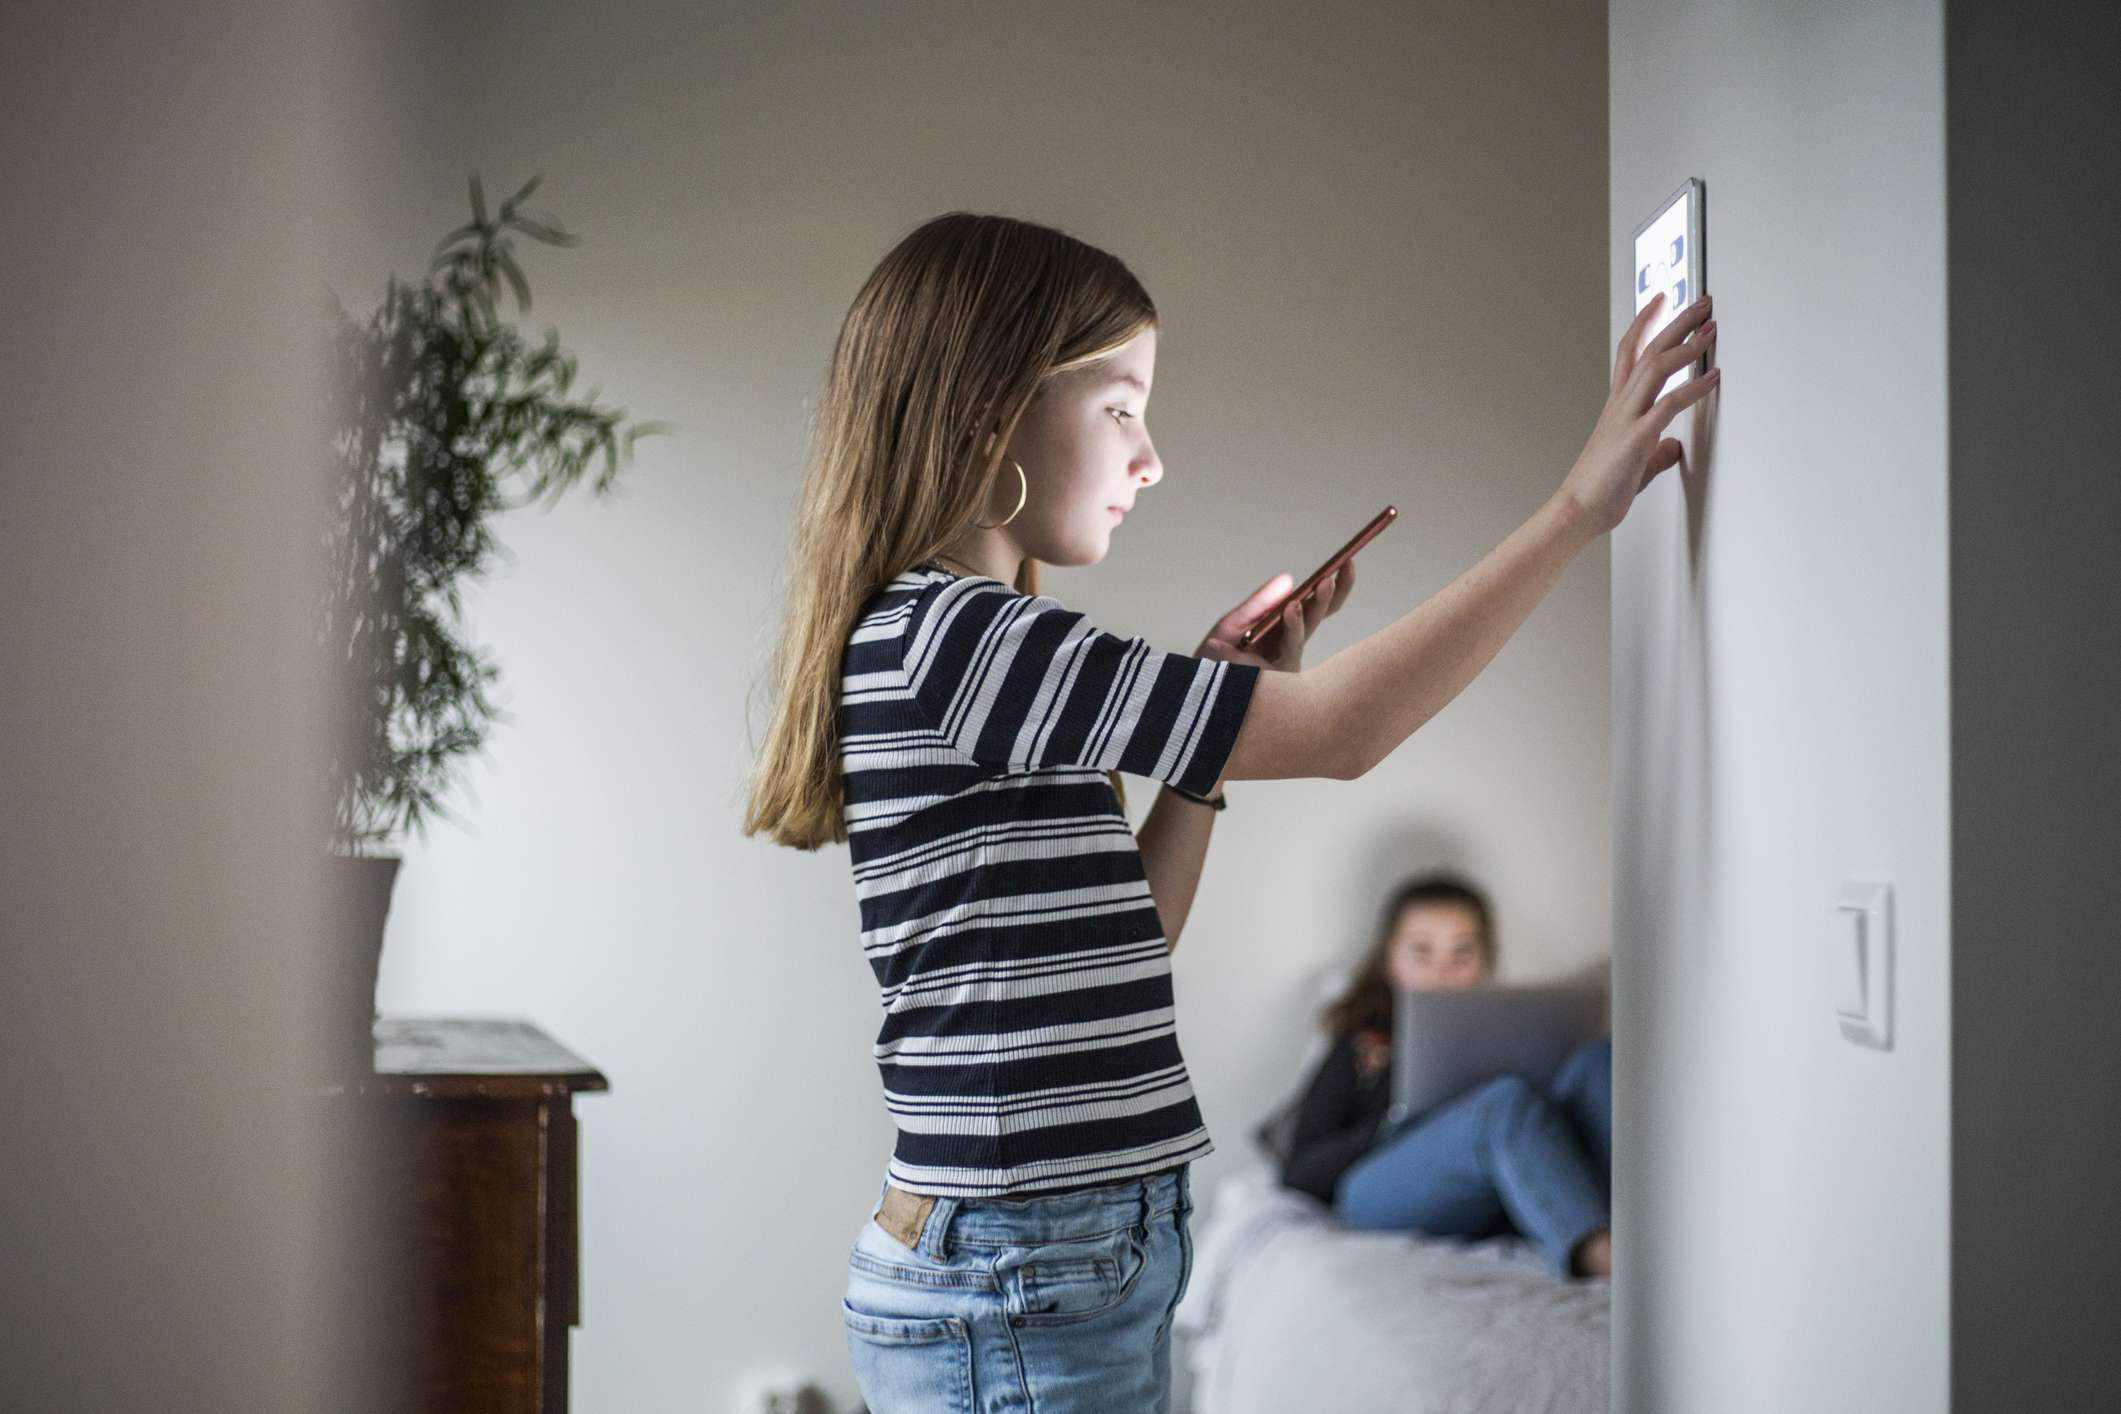 Girl at wall mounted display